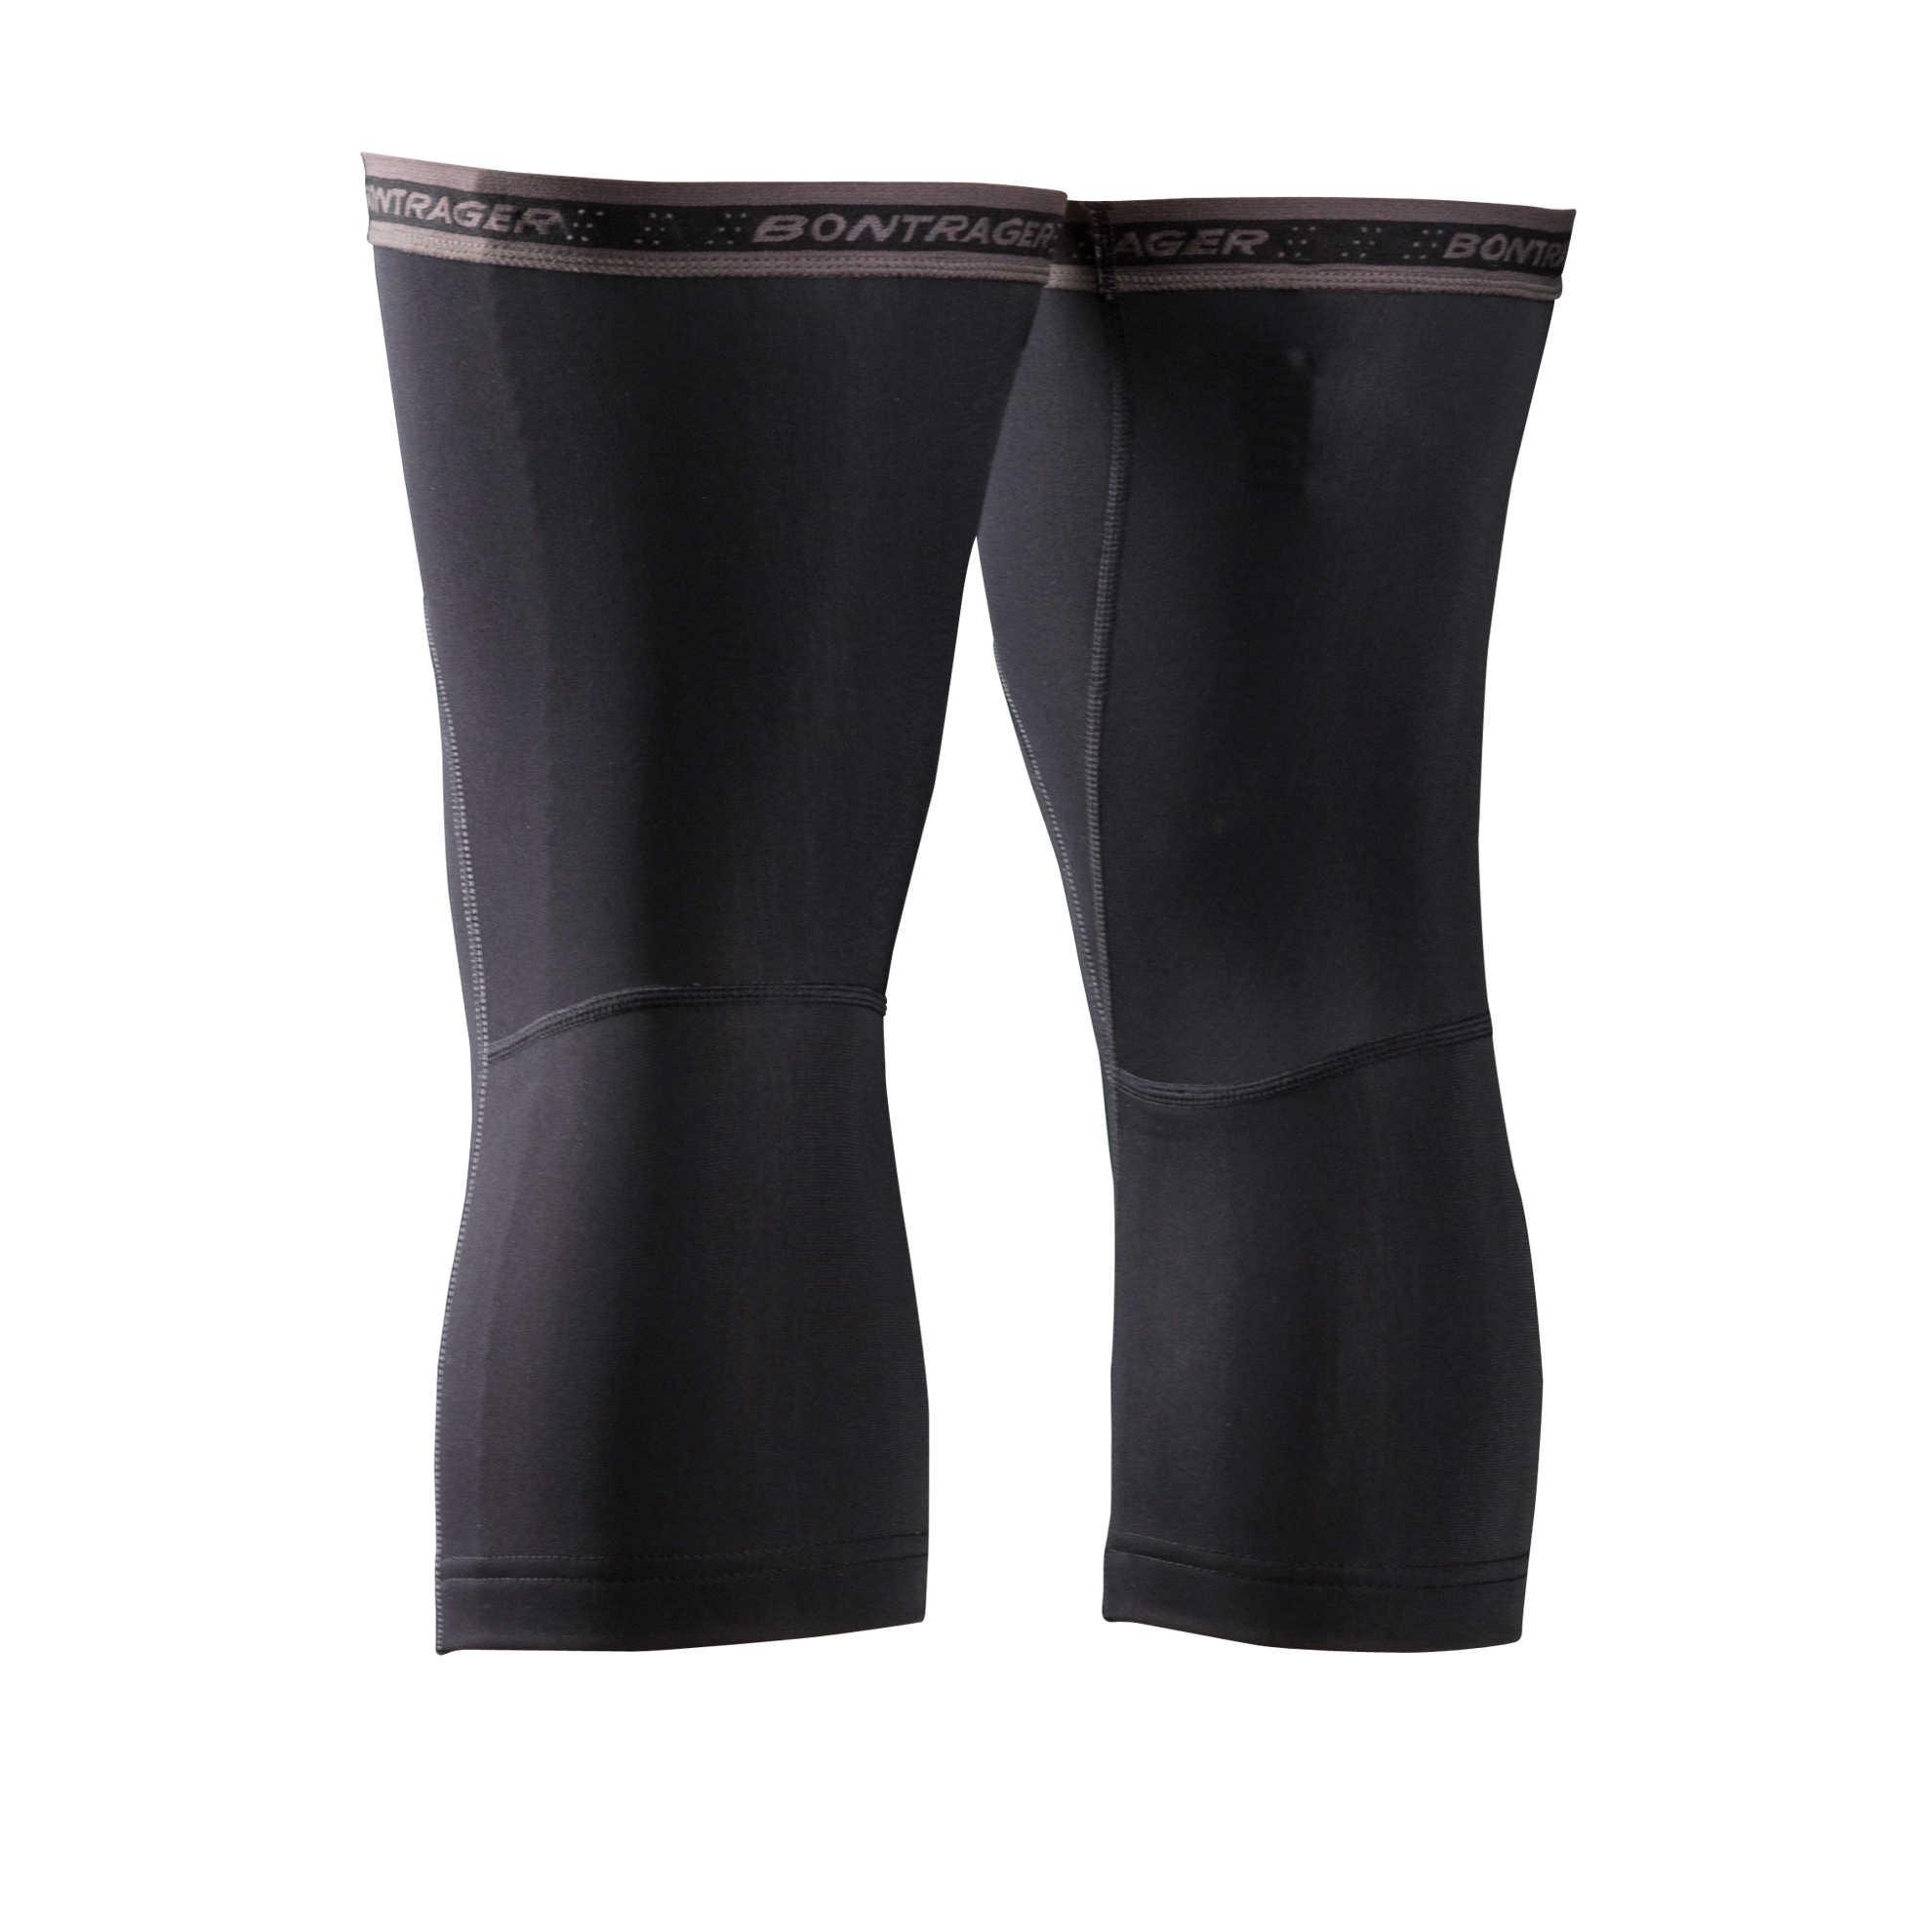 New trek Bontrager Thermal Knee Warmers Black medium